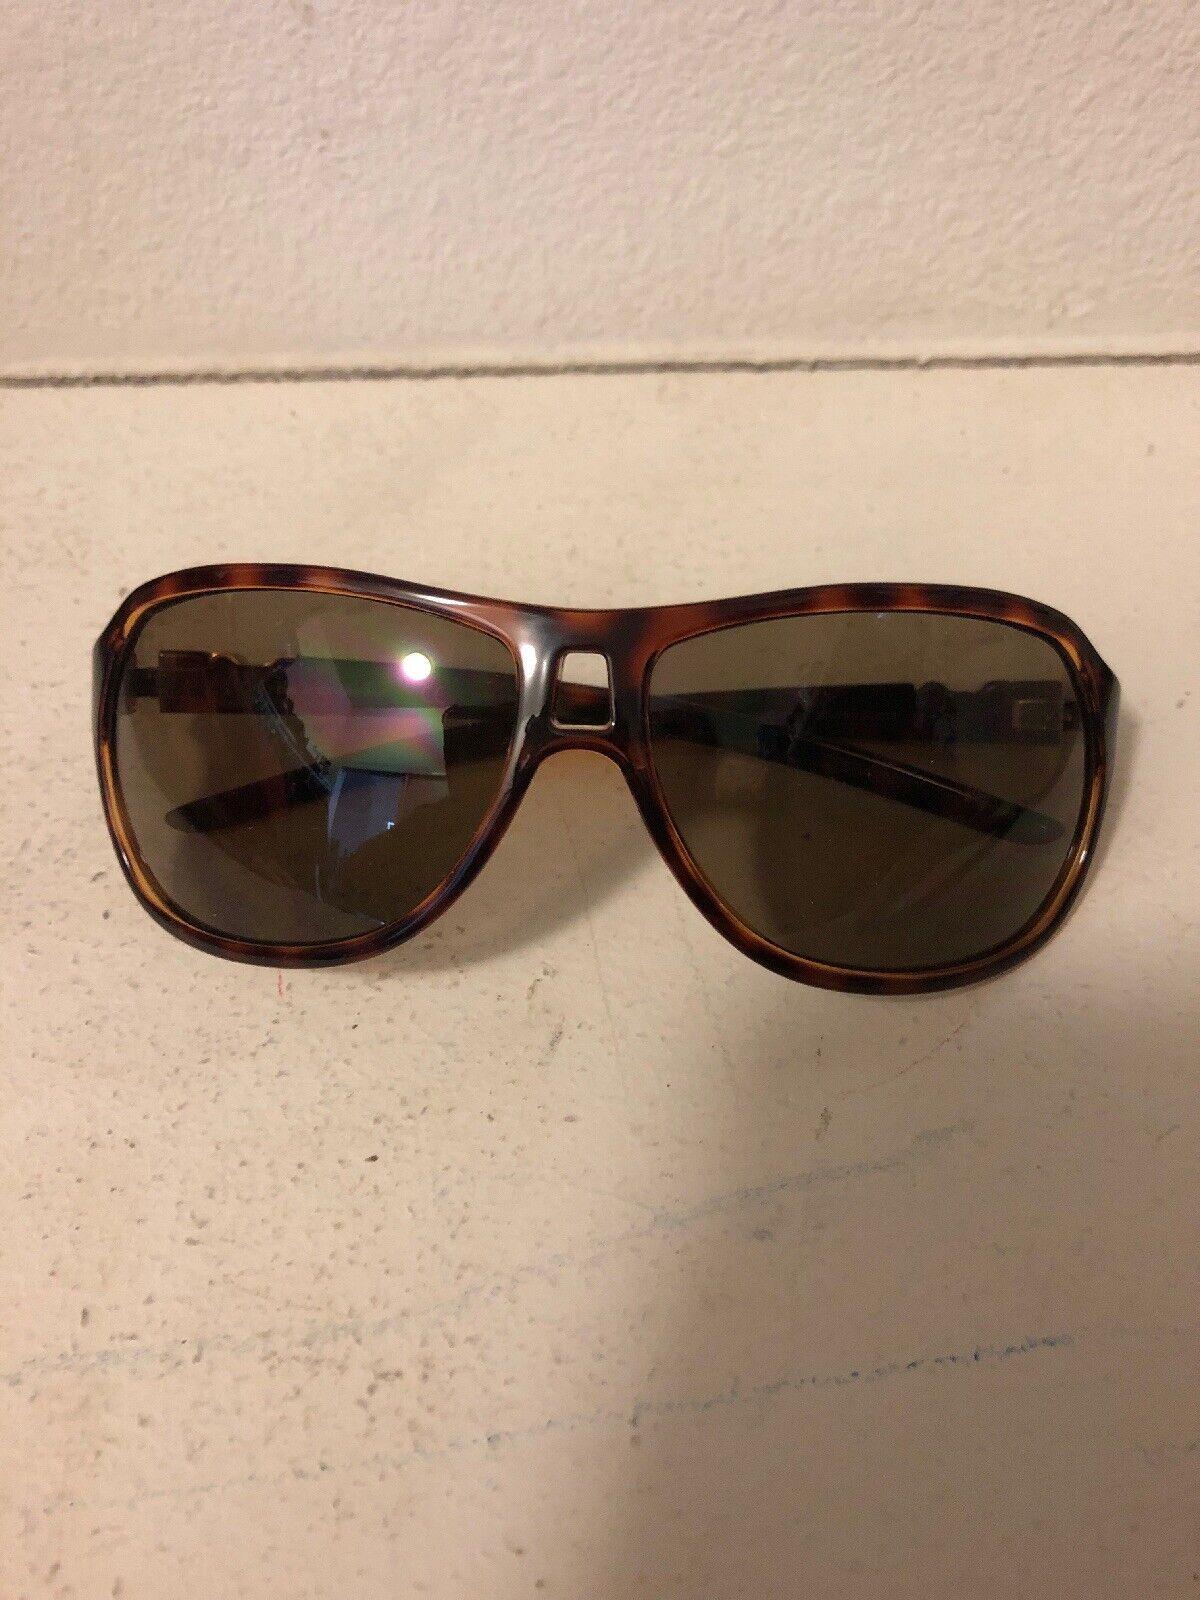 D&G eyewear sunglasses women